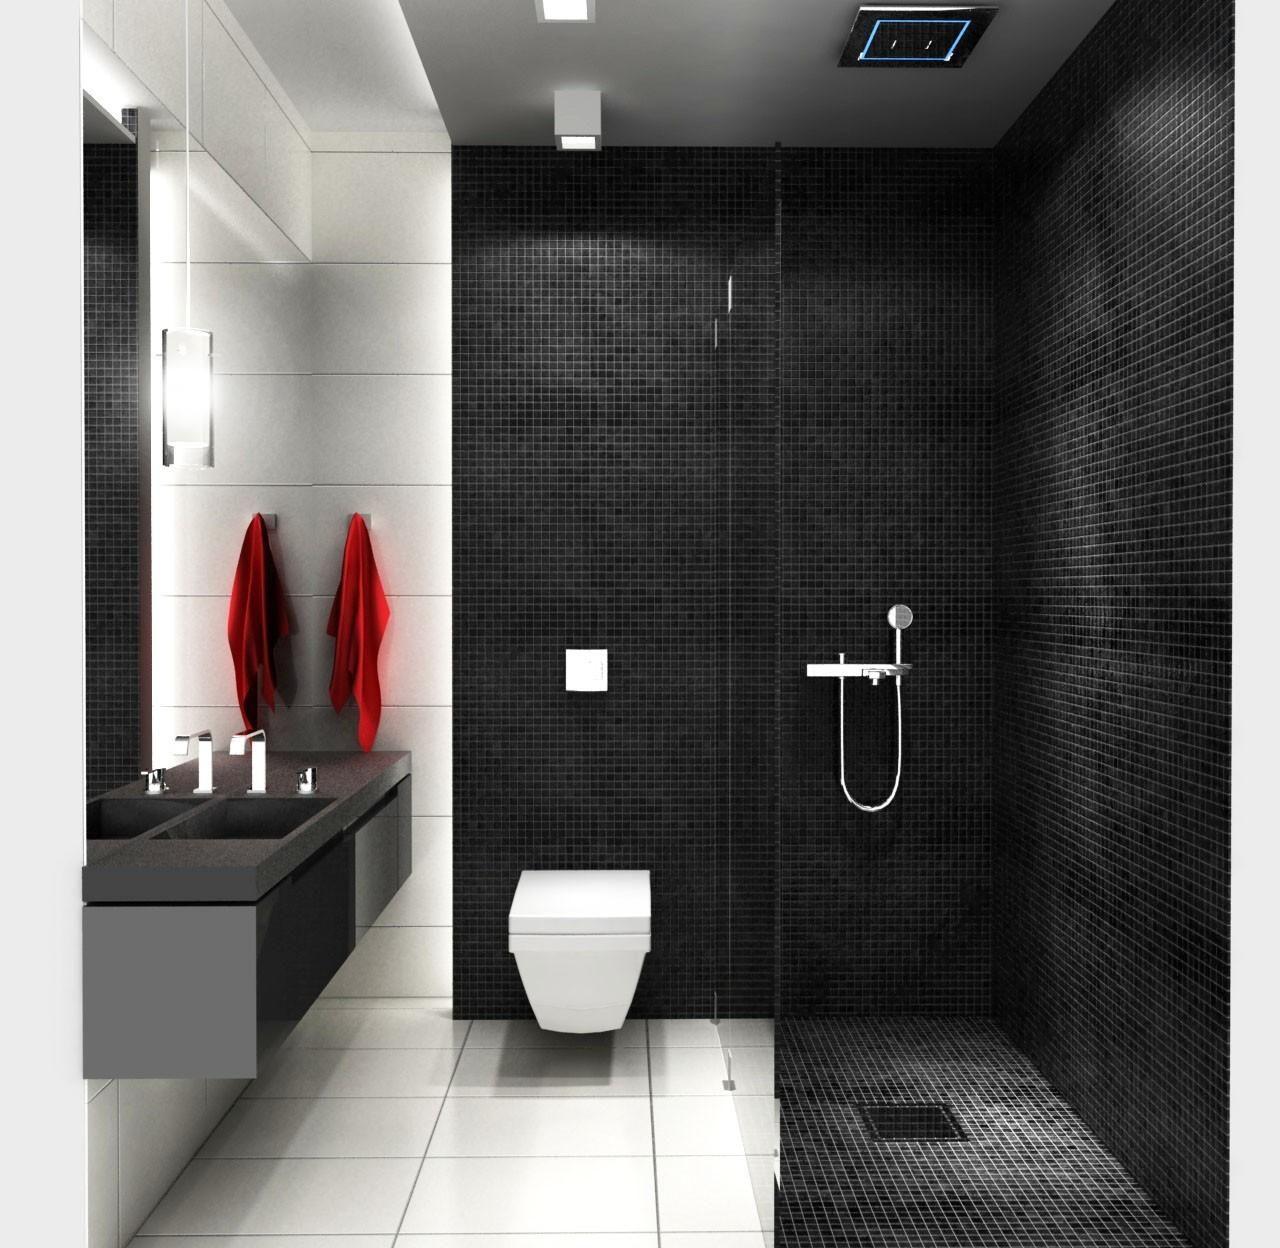 44 Inspirierende Schwarz Und Weiss Wc Design Foto In 2020 Bad Einrichten Kleines Bad Einrichten Schwarzes Badezimmer